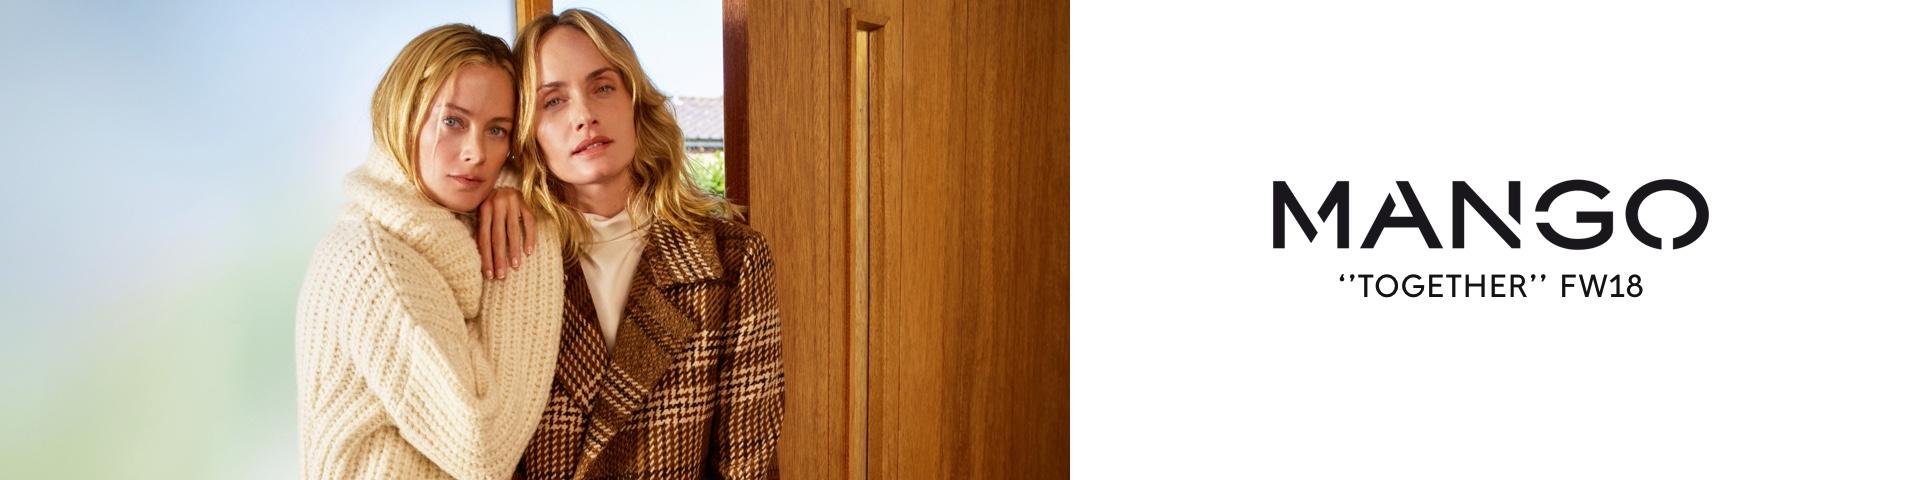 be994e6dfa6eb Manteaux femme Mango   Achat en ligne sur Zalando